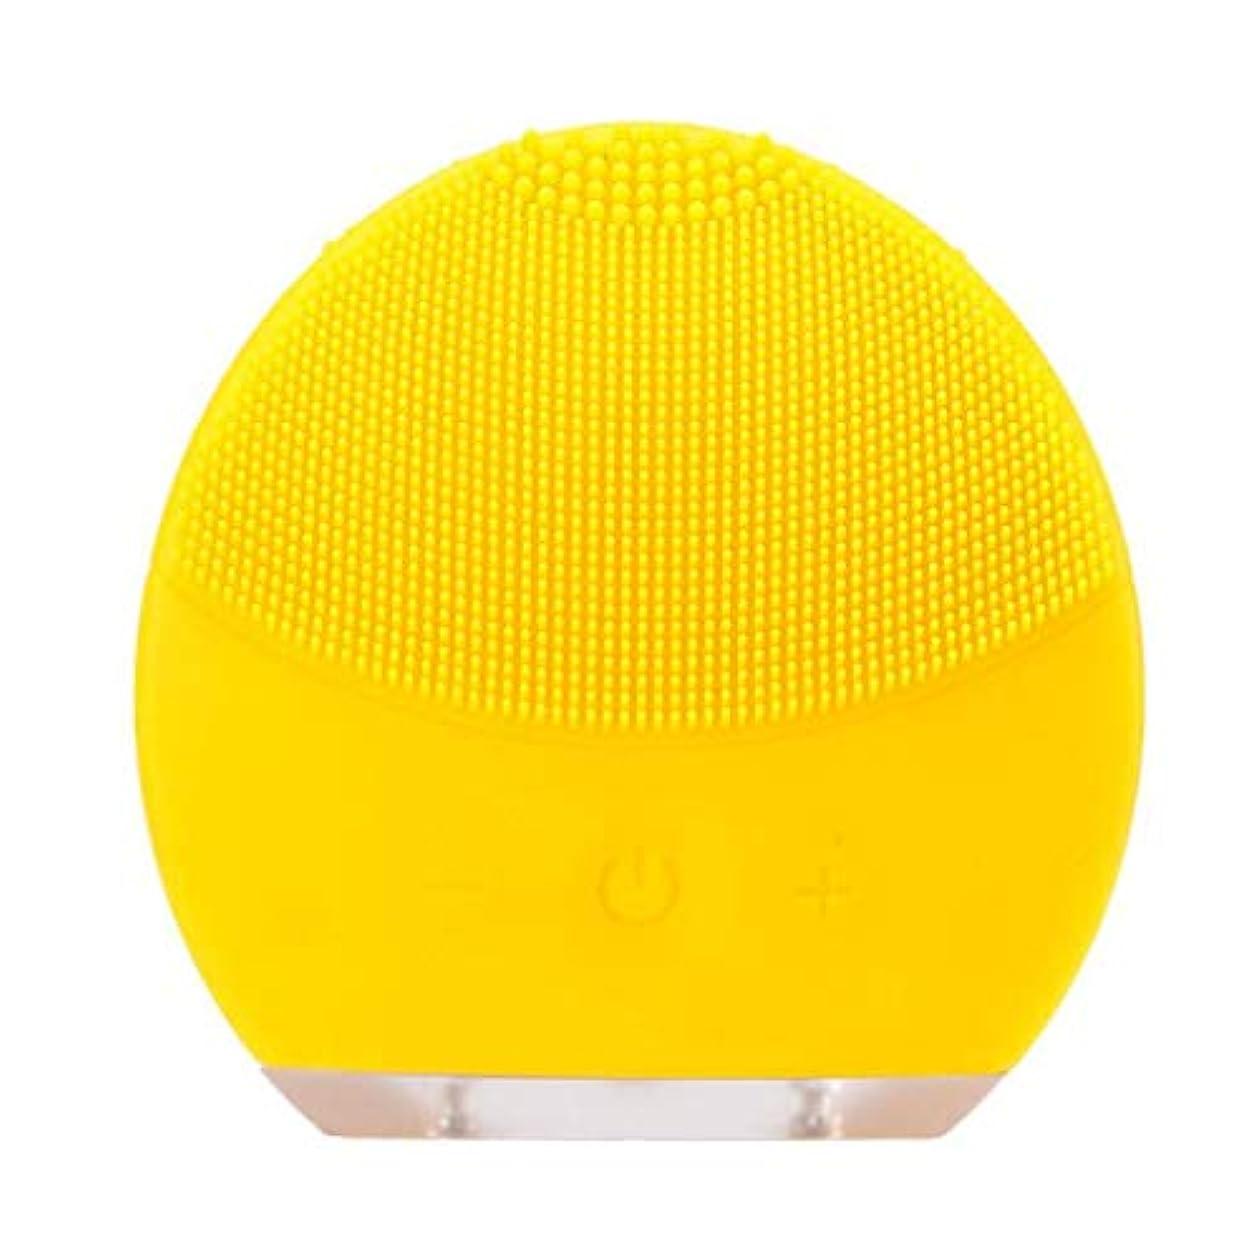 音声本当のことを言うと放課後超音波振動美容機器洗浄器、皮膚の毛穴を最小限に抑えるマイクロダーマブレーション毛穴、USB 充電と防水,Yellow